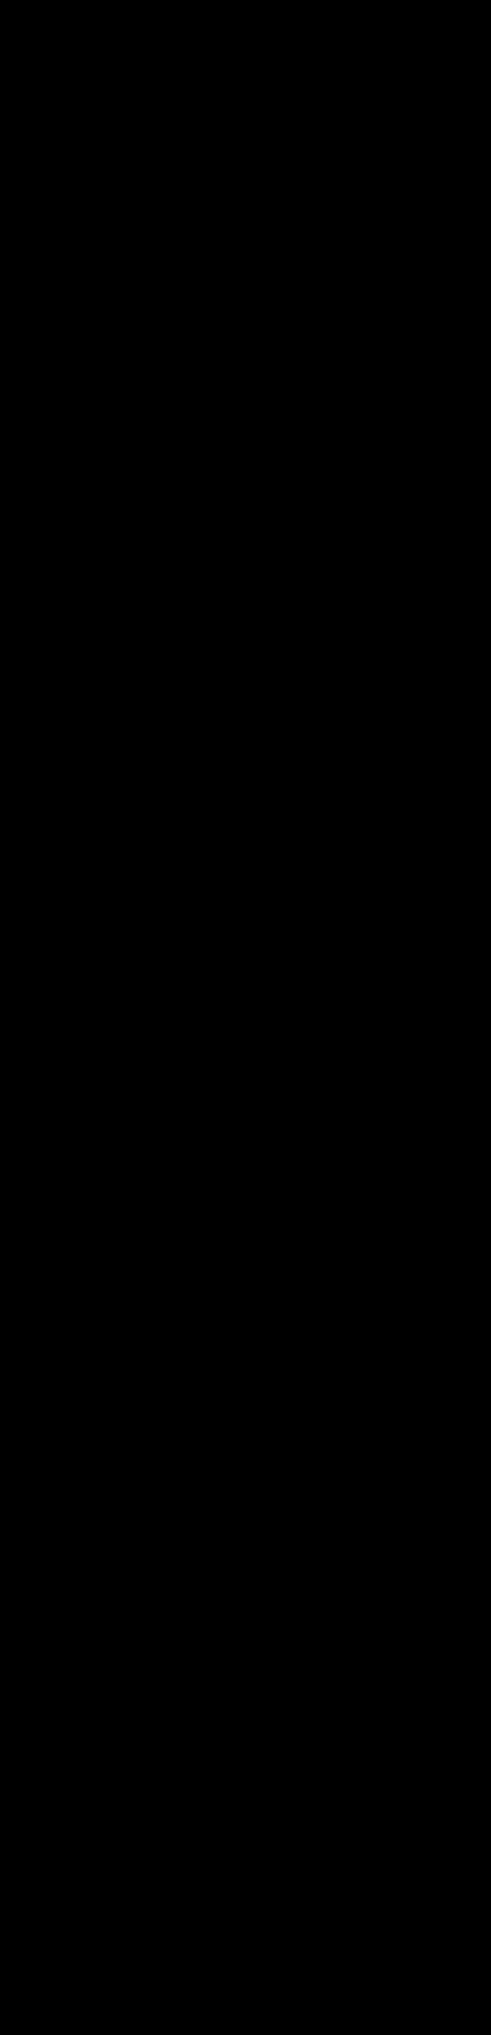 Melker logotype